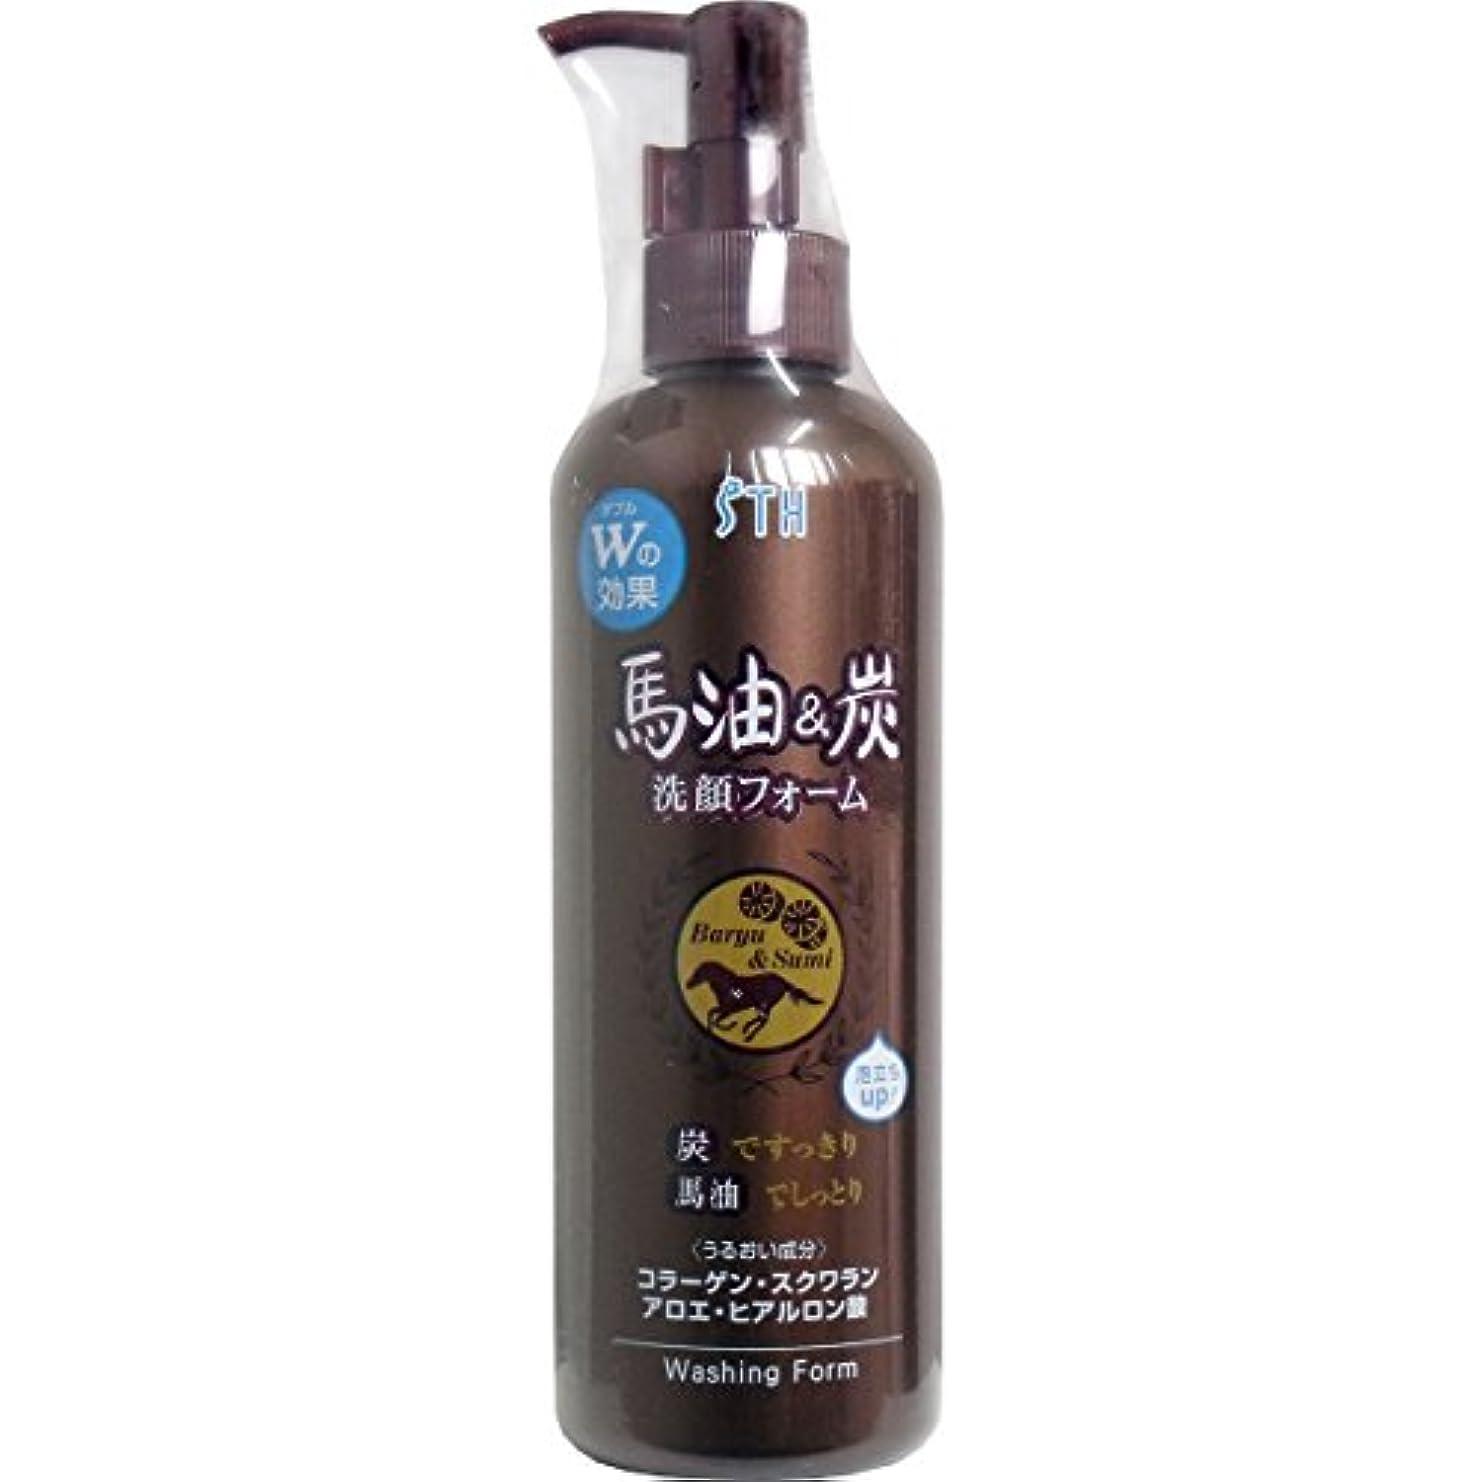 馬油&炭 洗顔フォーム【1本】